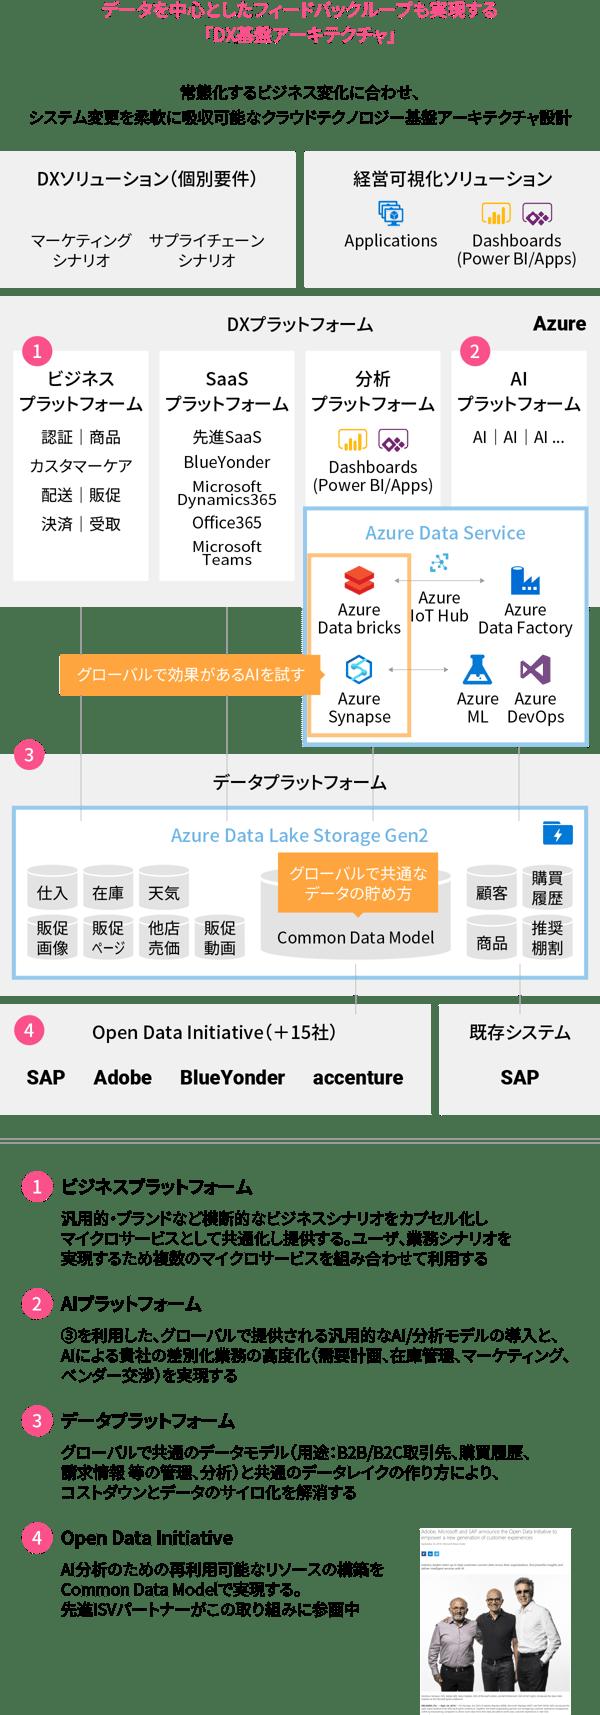 データを中心としたフィードバックループも実現する「DX基盤アーキテクチャ」